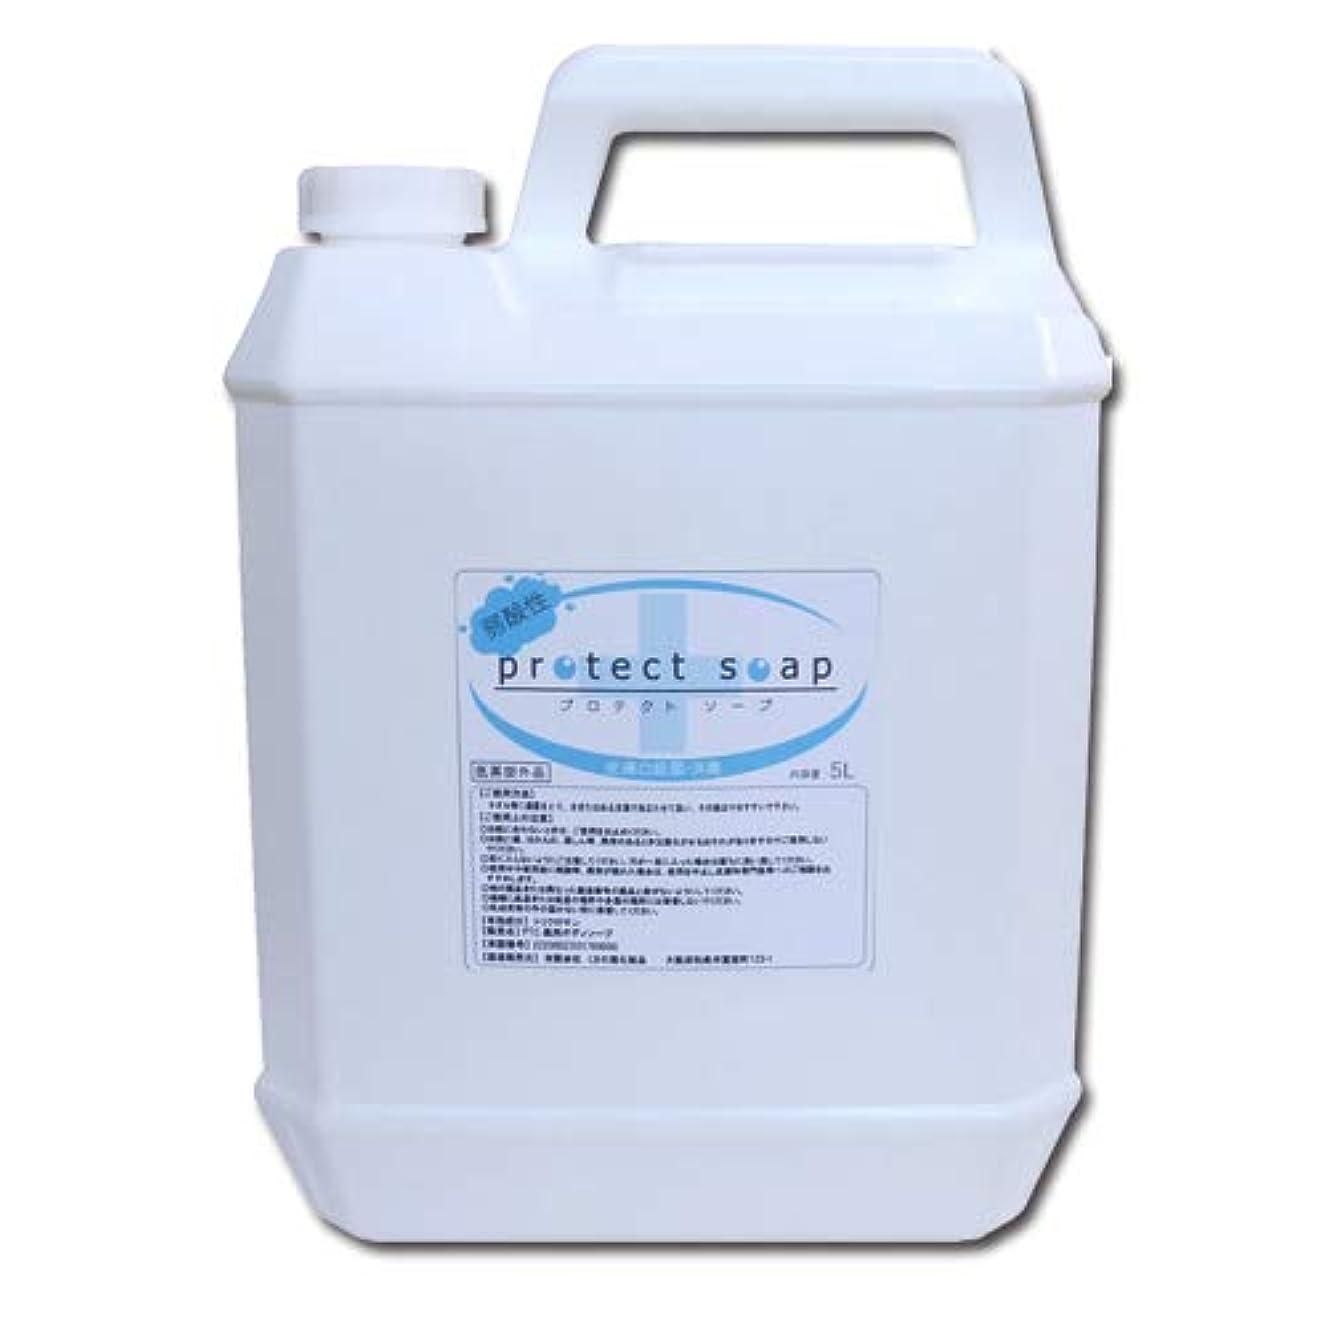 繊細偶然の平等低刺激弱酸性 液体石鹸 プロテクトソープ 5L 業務用│せっけん液 液体せっけん 殺菌?消毒 インフルエンザ?ノロウィルス対策